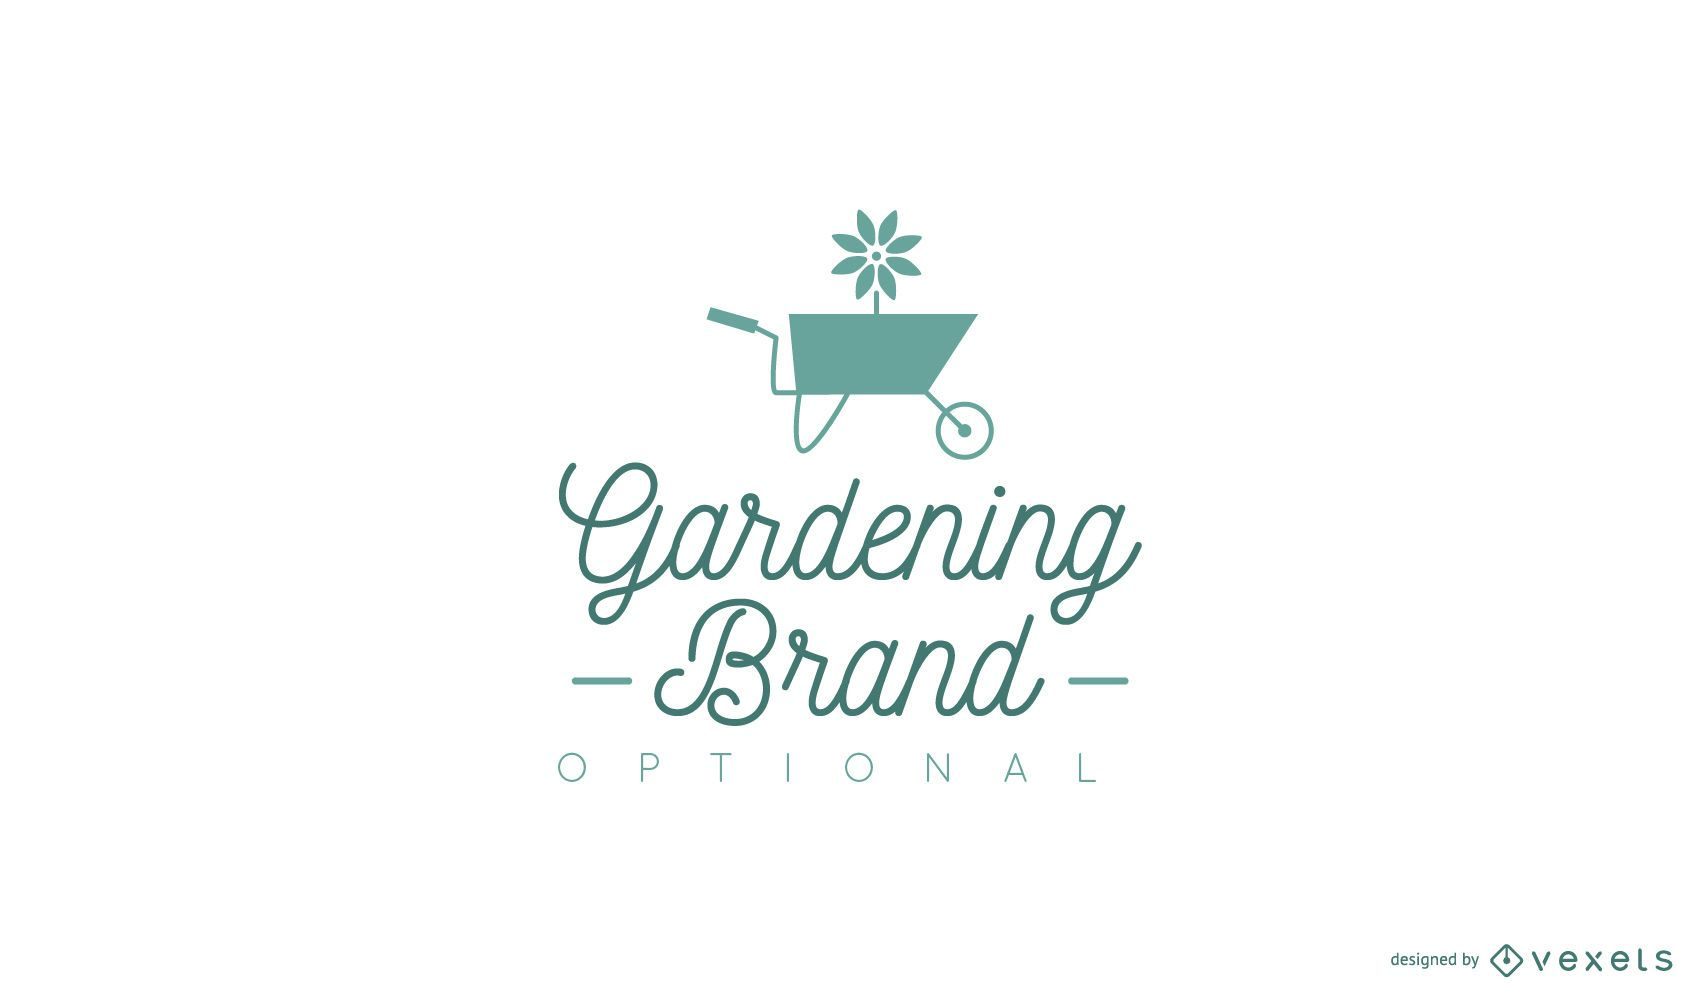 Gardening logo design